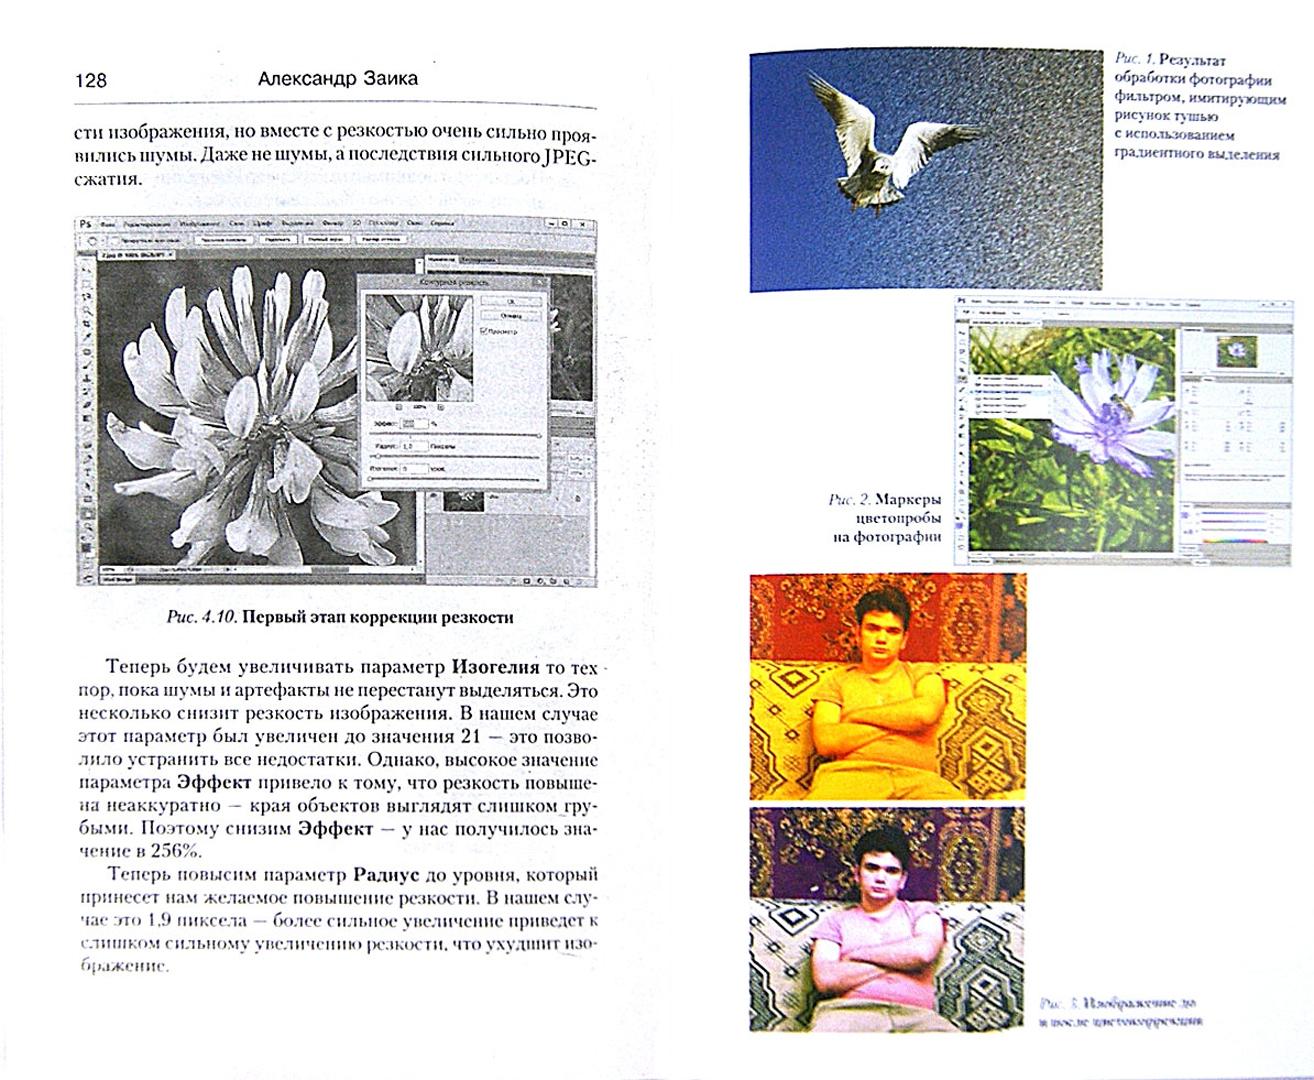 Иллюстрация 1 из 5 для Photoshop для начинающих - Александр Заика | Лабиринт - книги. Источник: Лабиринт